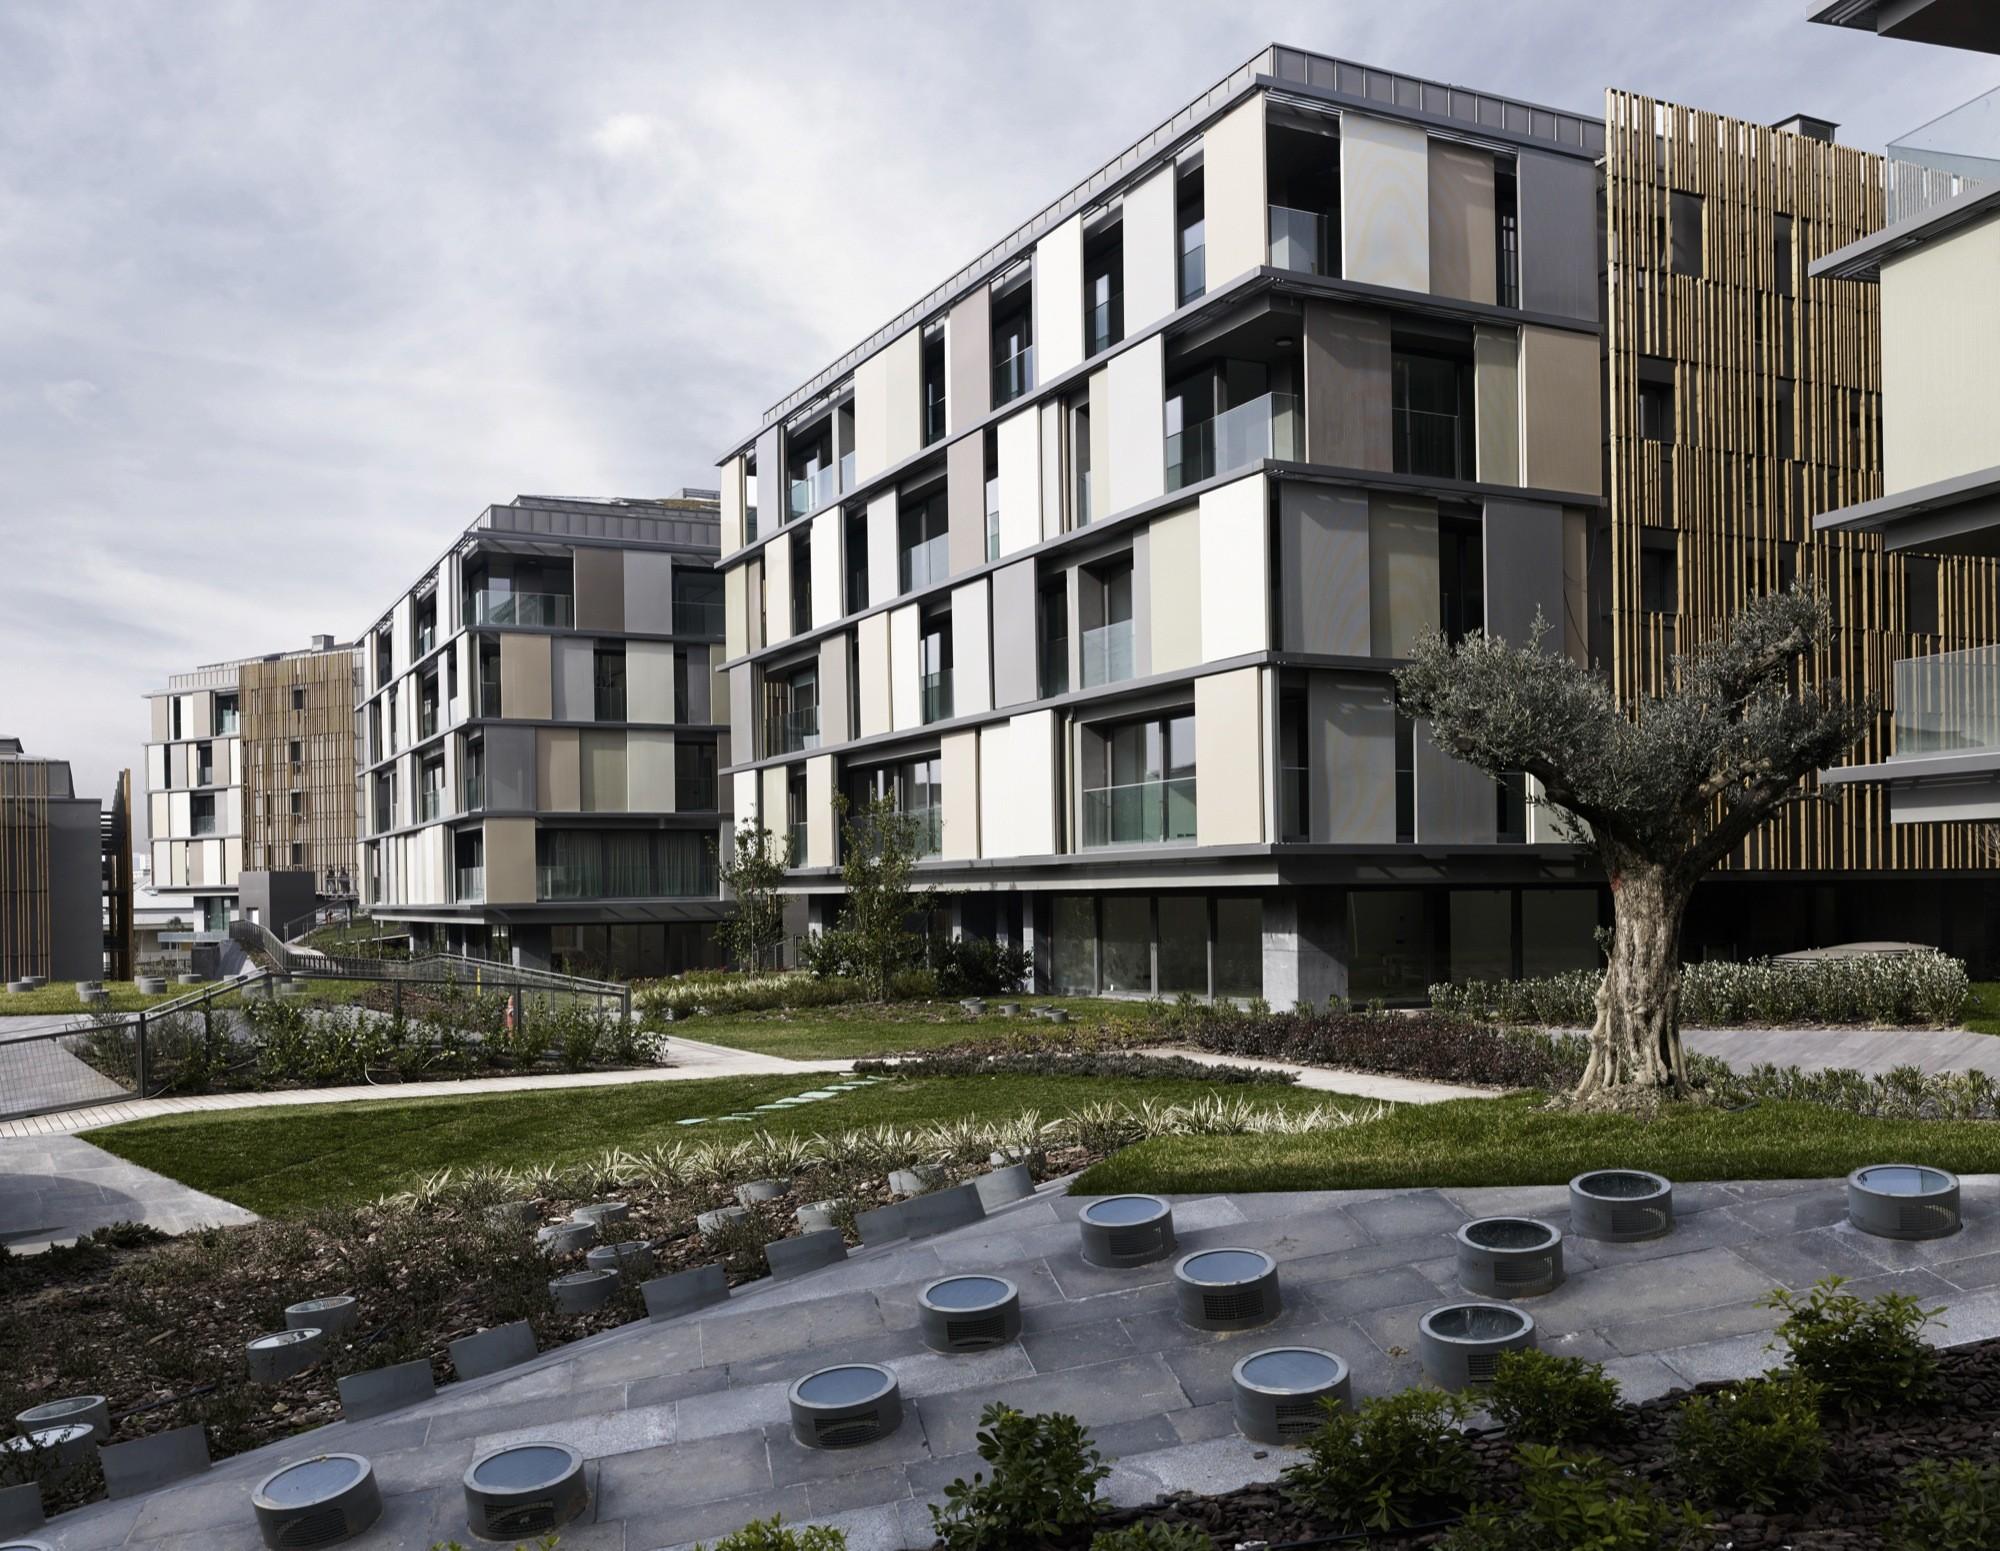 Courtesy of Emre Arolat Architects + Ertuğrul Morçöl + Selahattin Tüysüz